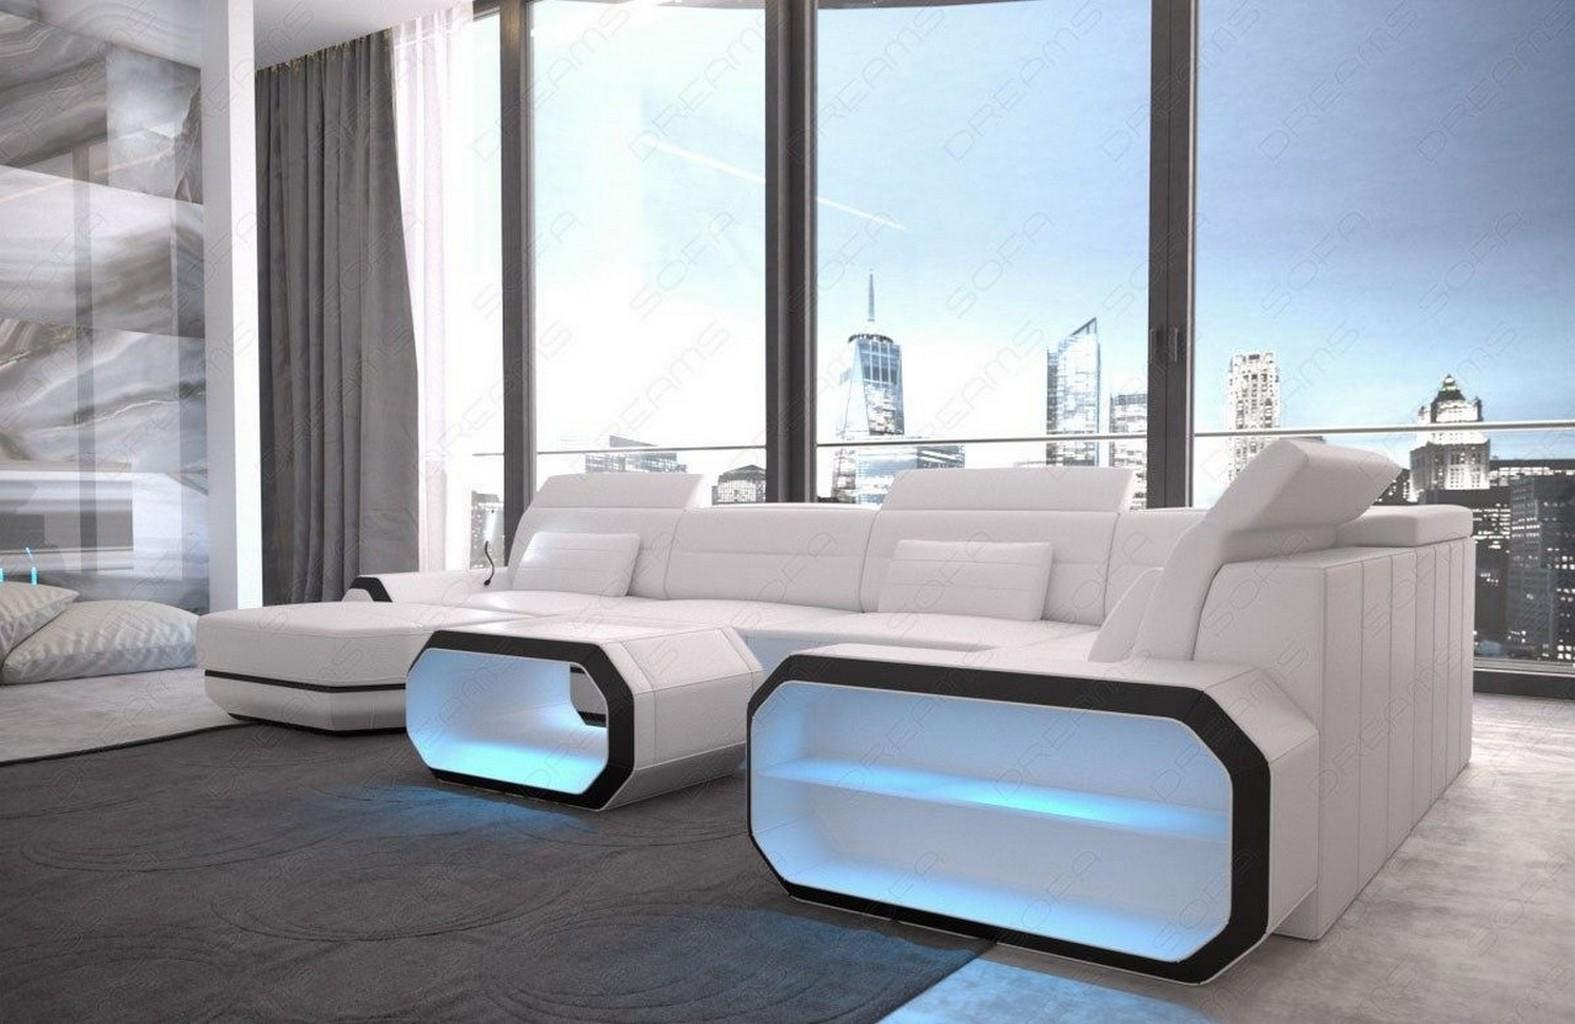 Wohnlandschaft xxl design ledercouch roma wohnzimmer for Wohnzimmer ledercouch